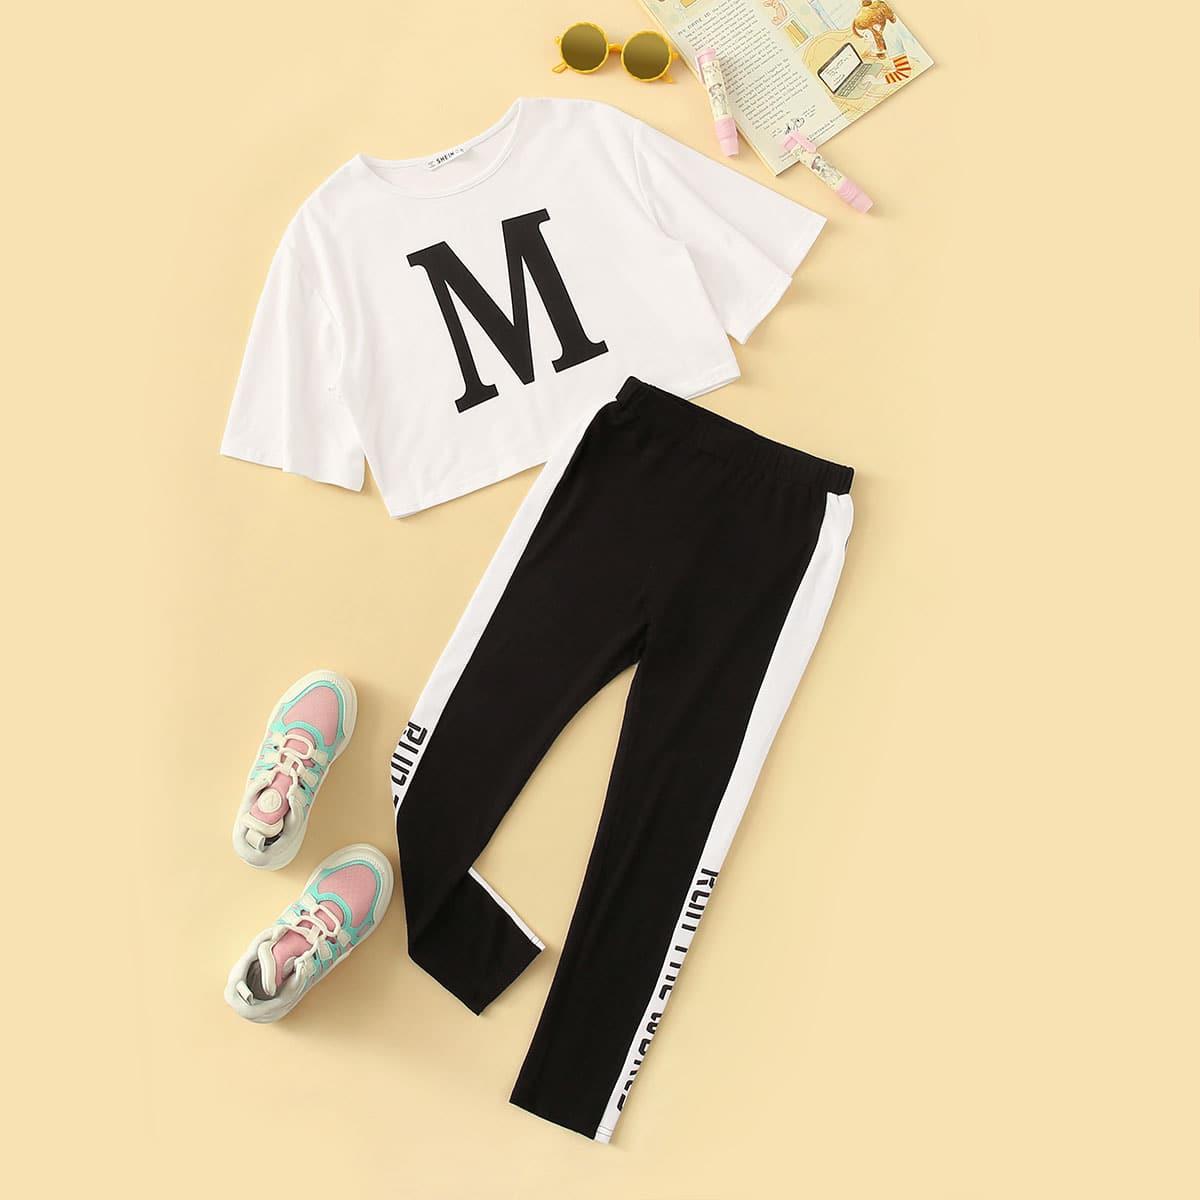 Топ с текстовым принтом и контрастные брюки для девочек от SHEIN